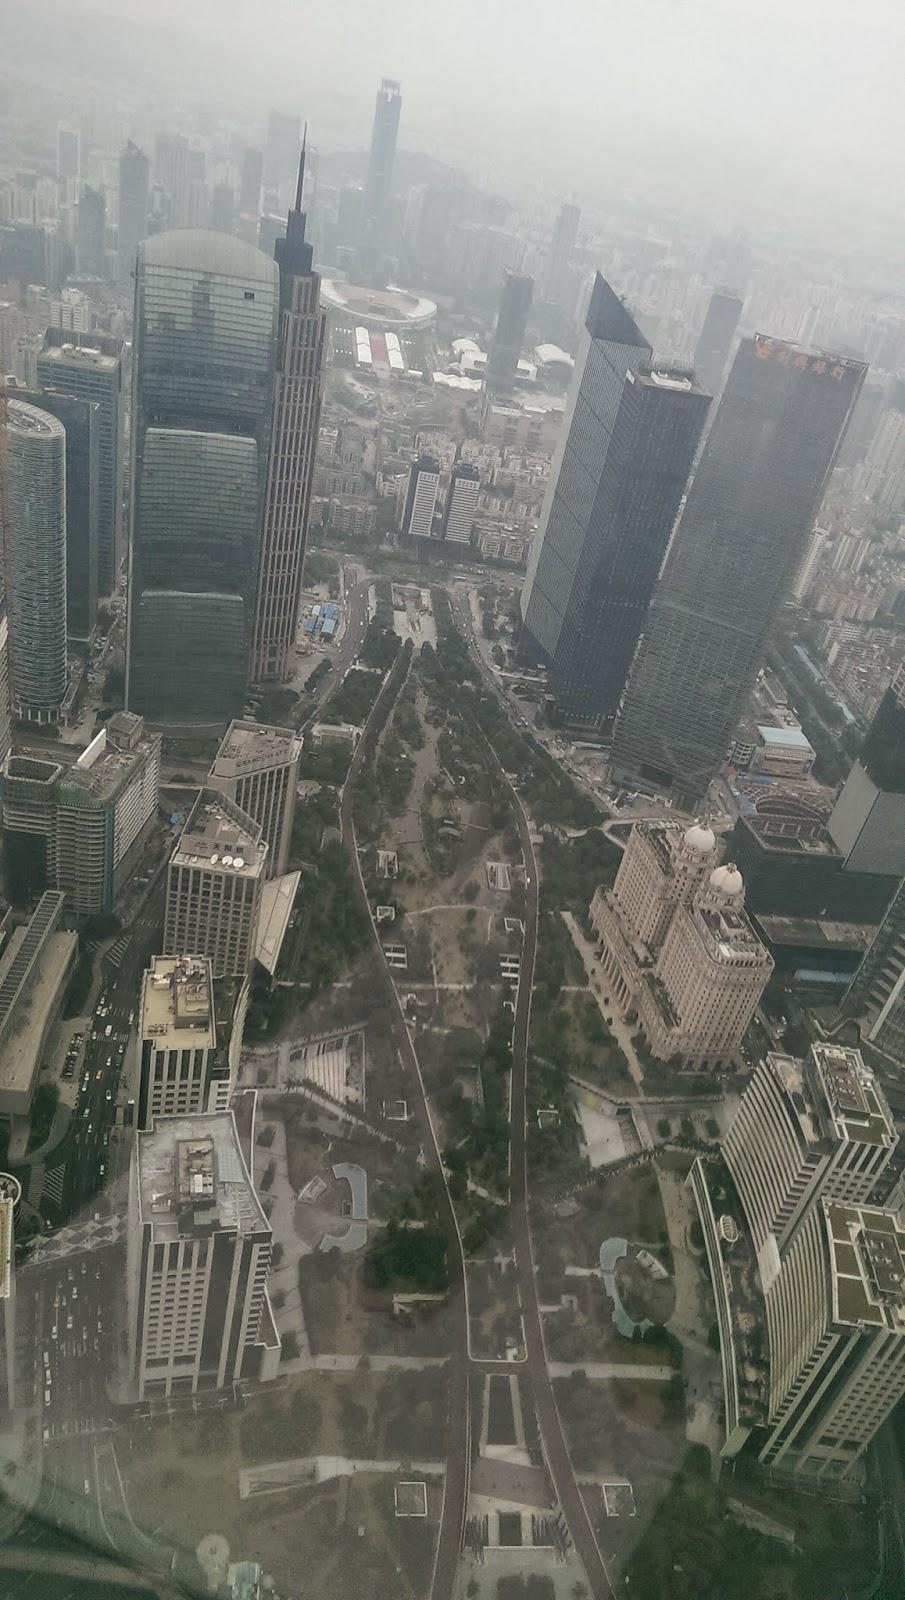 New Guangzhou, Parque Huacheng Dadao